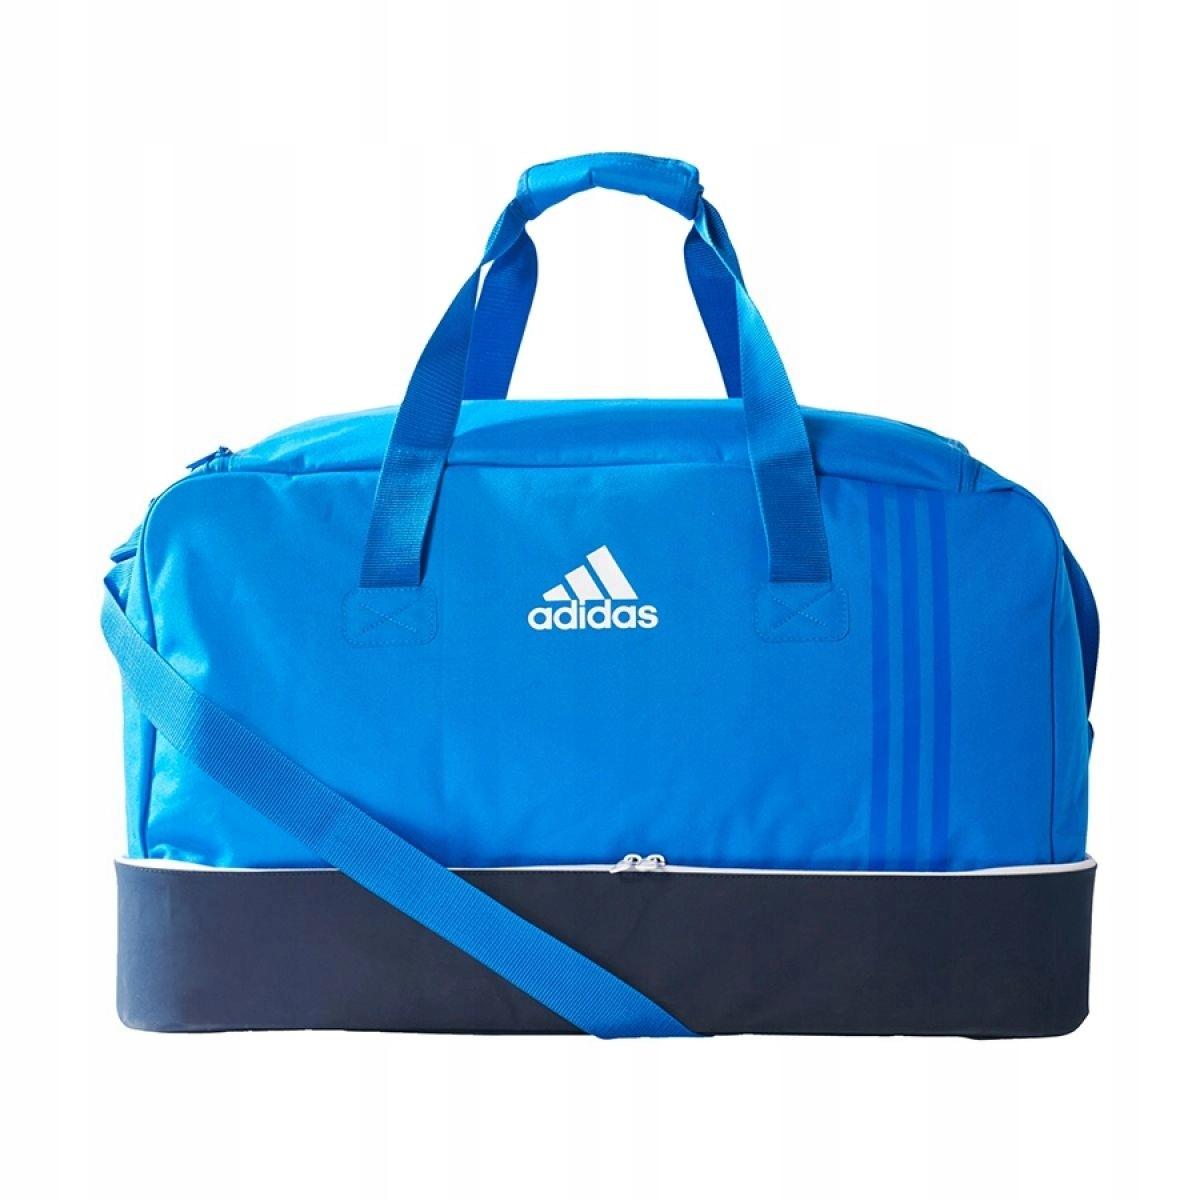 39ca45527b824 Torba adidas Tiro 17 Team Bag L BS4755 niebieski - 7459584529 ...